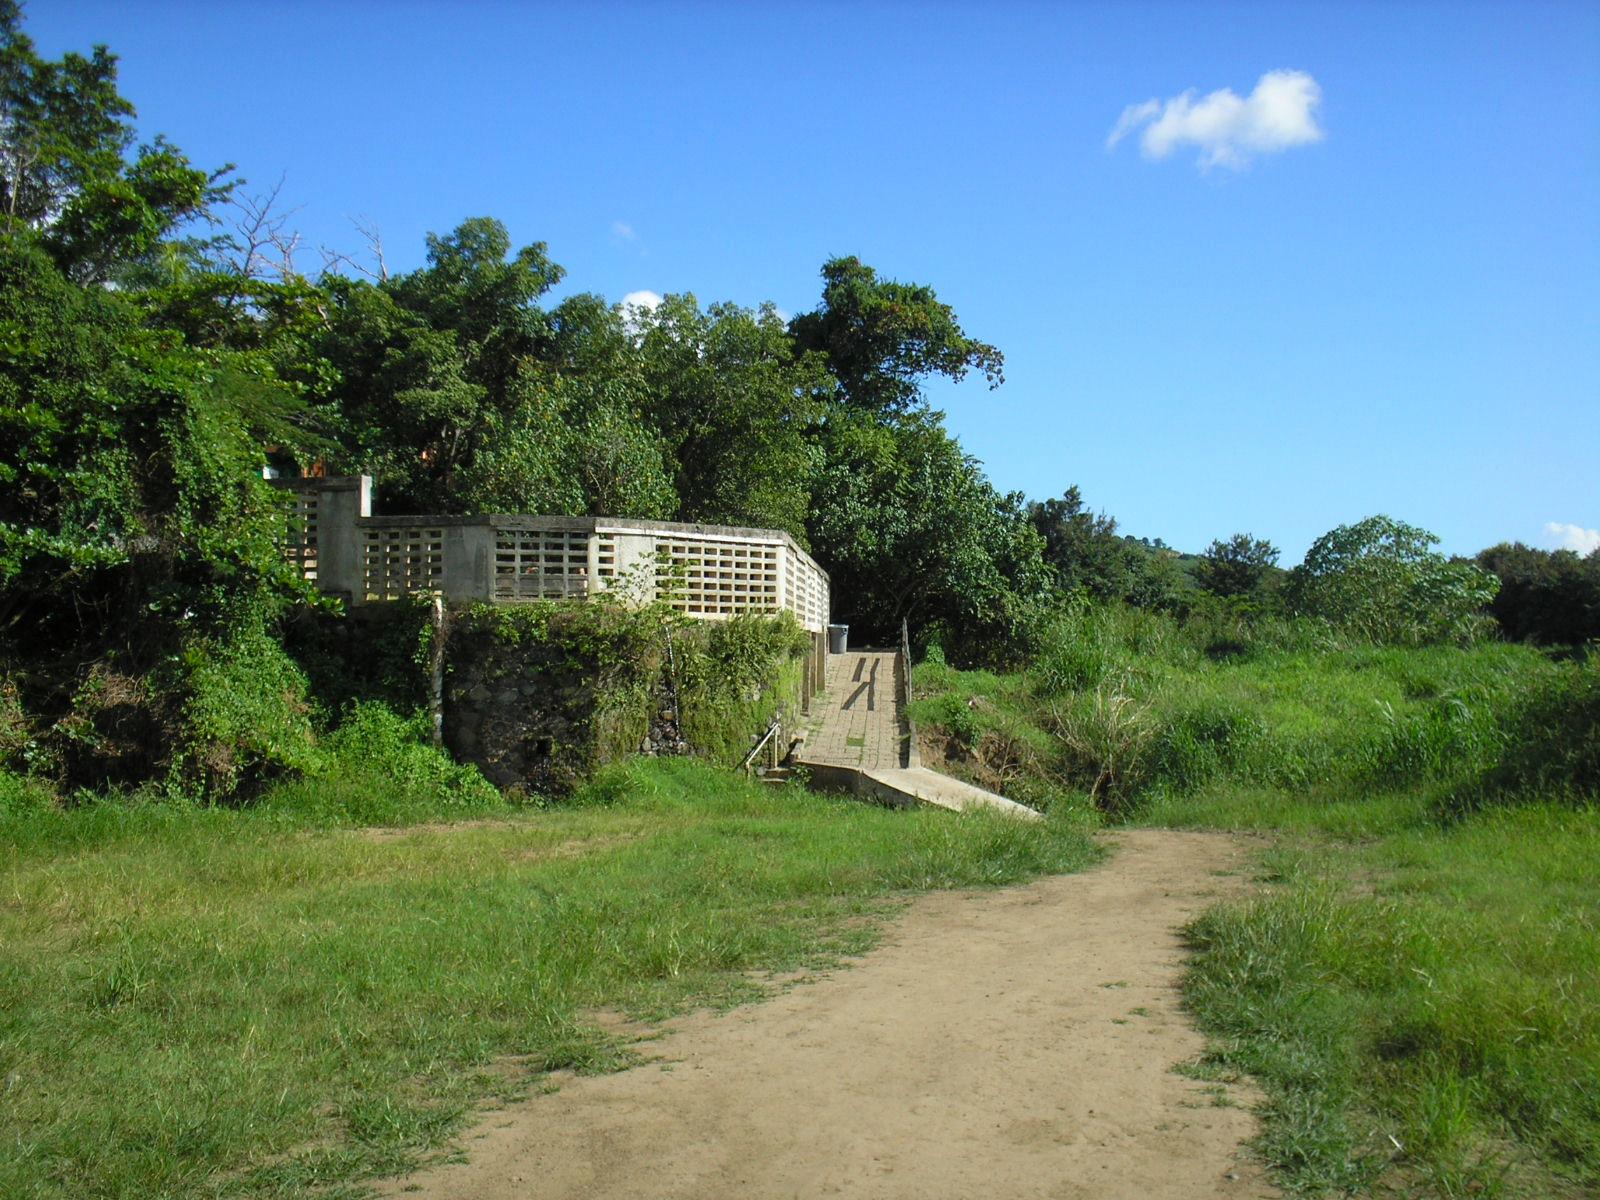 Fotos del pueblo de coamo puerto rico 28